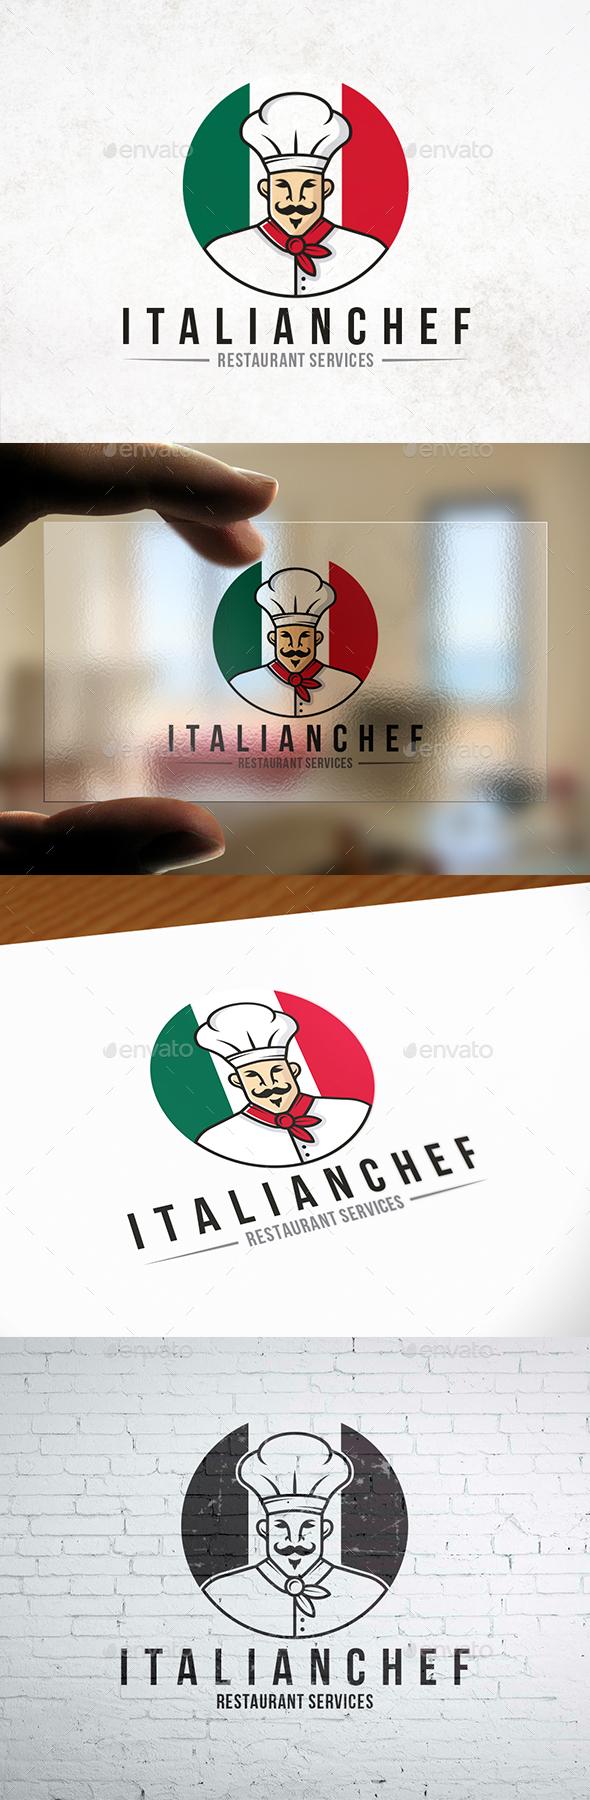 GraphicRiver Italian Chef Mascot Logo 21002471